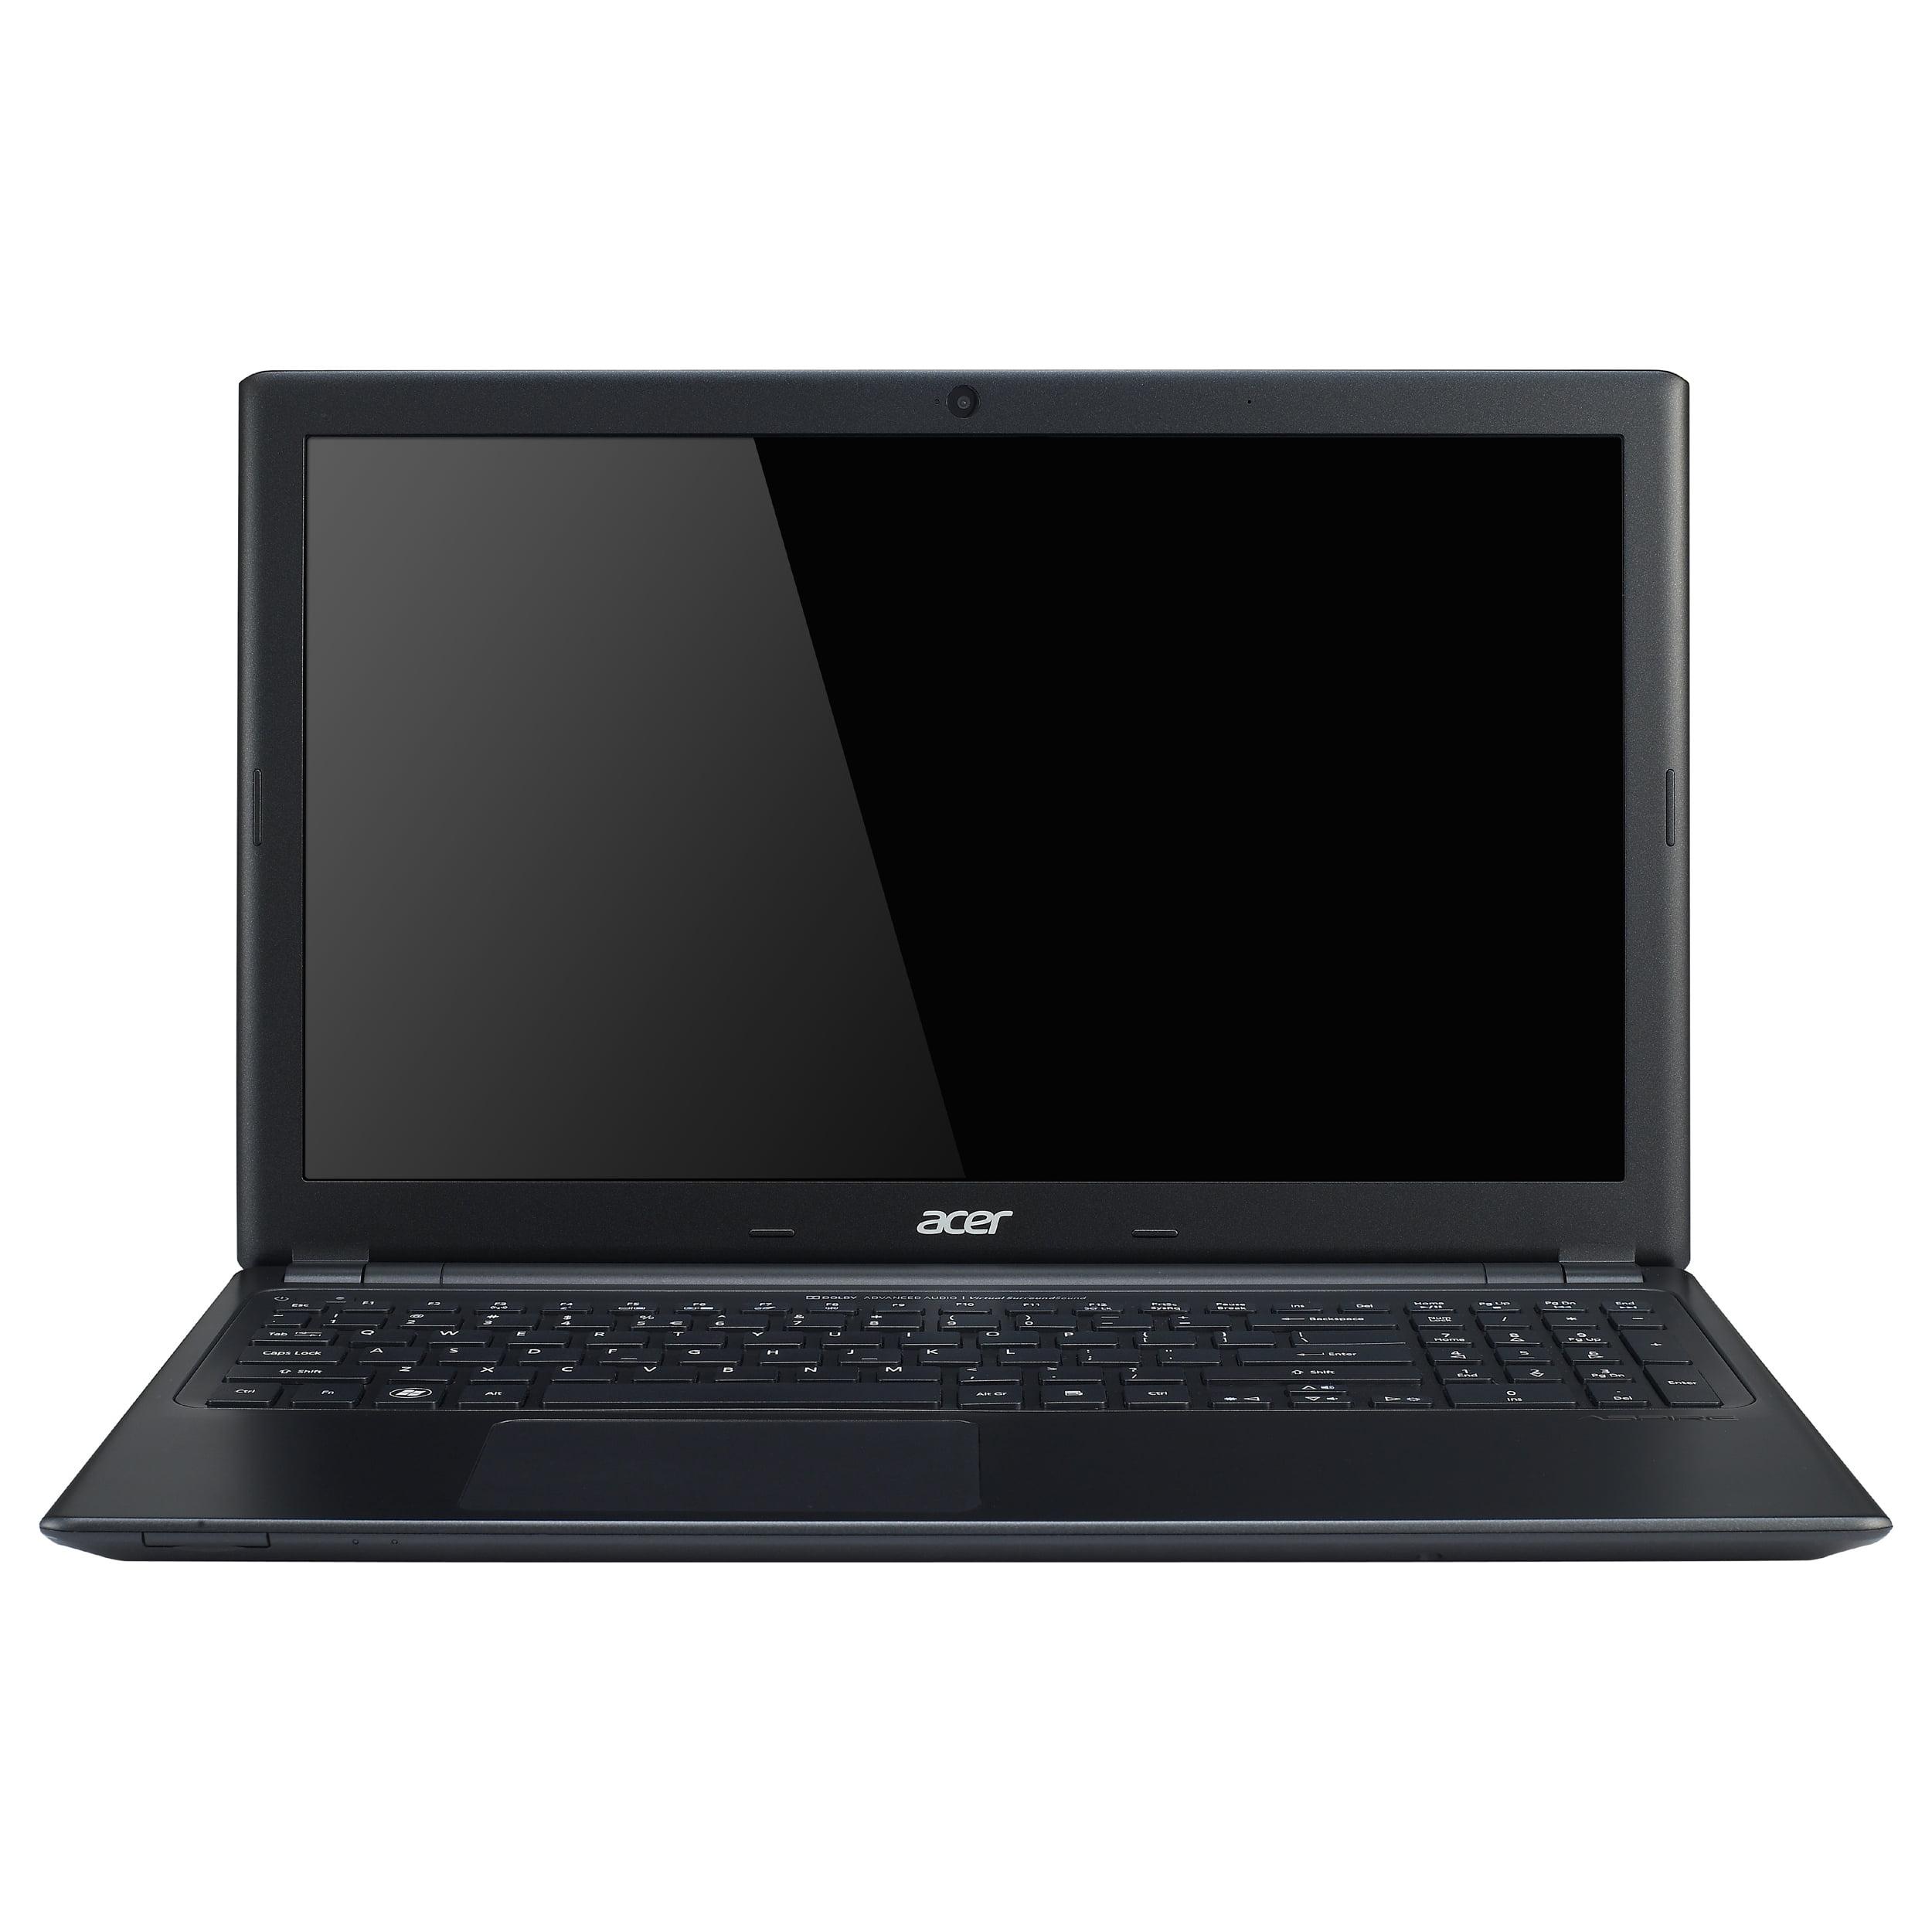 """Acer 15.6"""" Intel Core i5 1.8 GHz 6 GB Ram 500 GB HDD Wind..."""